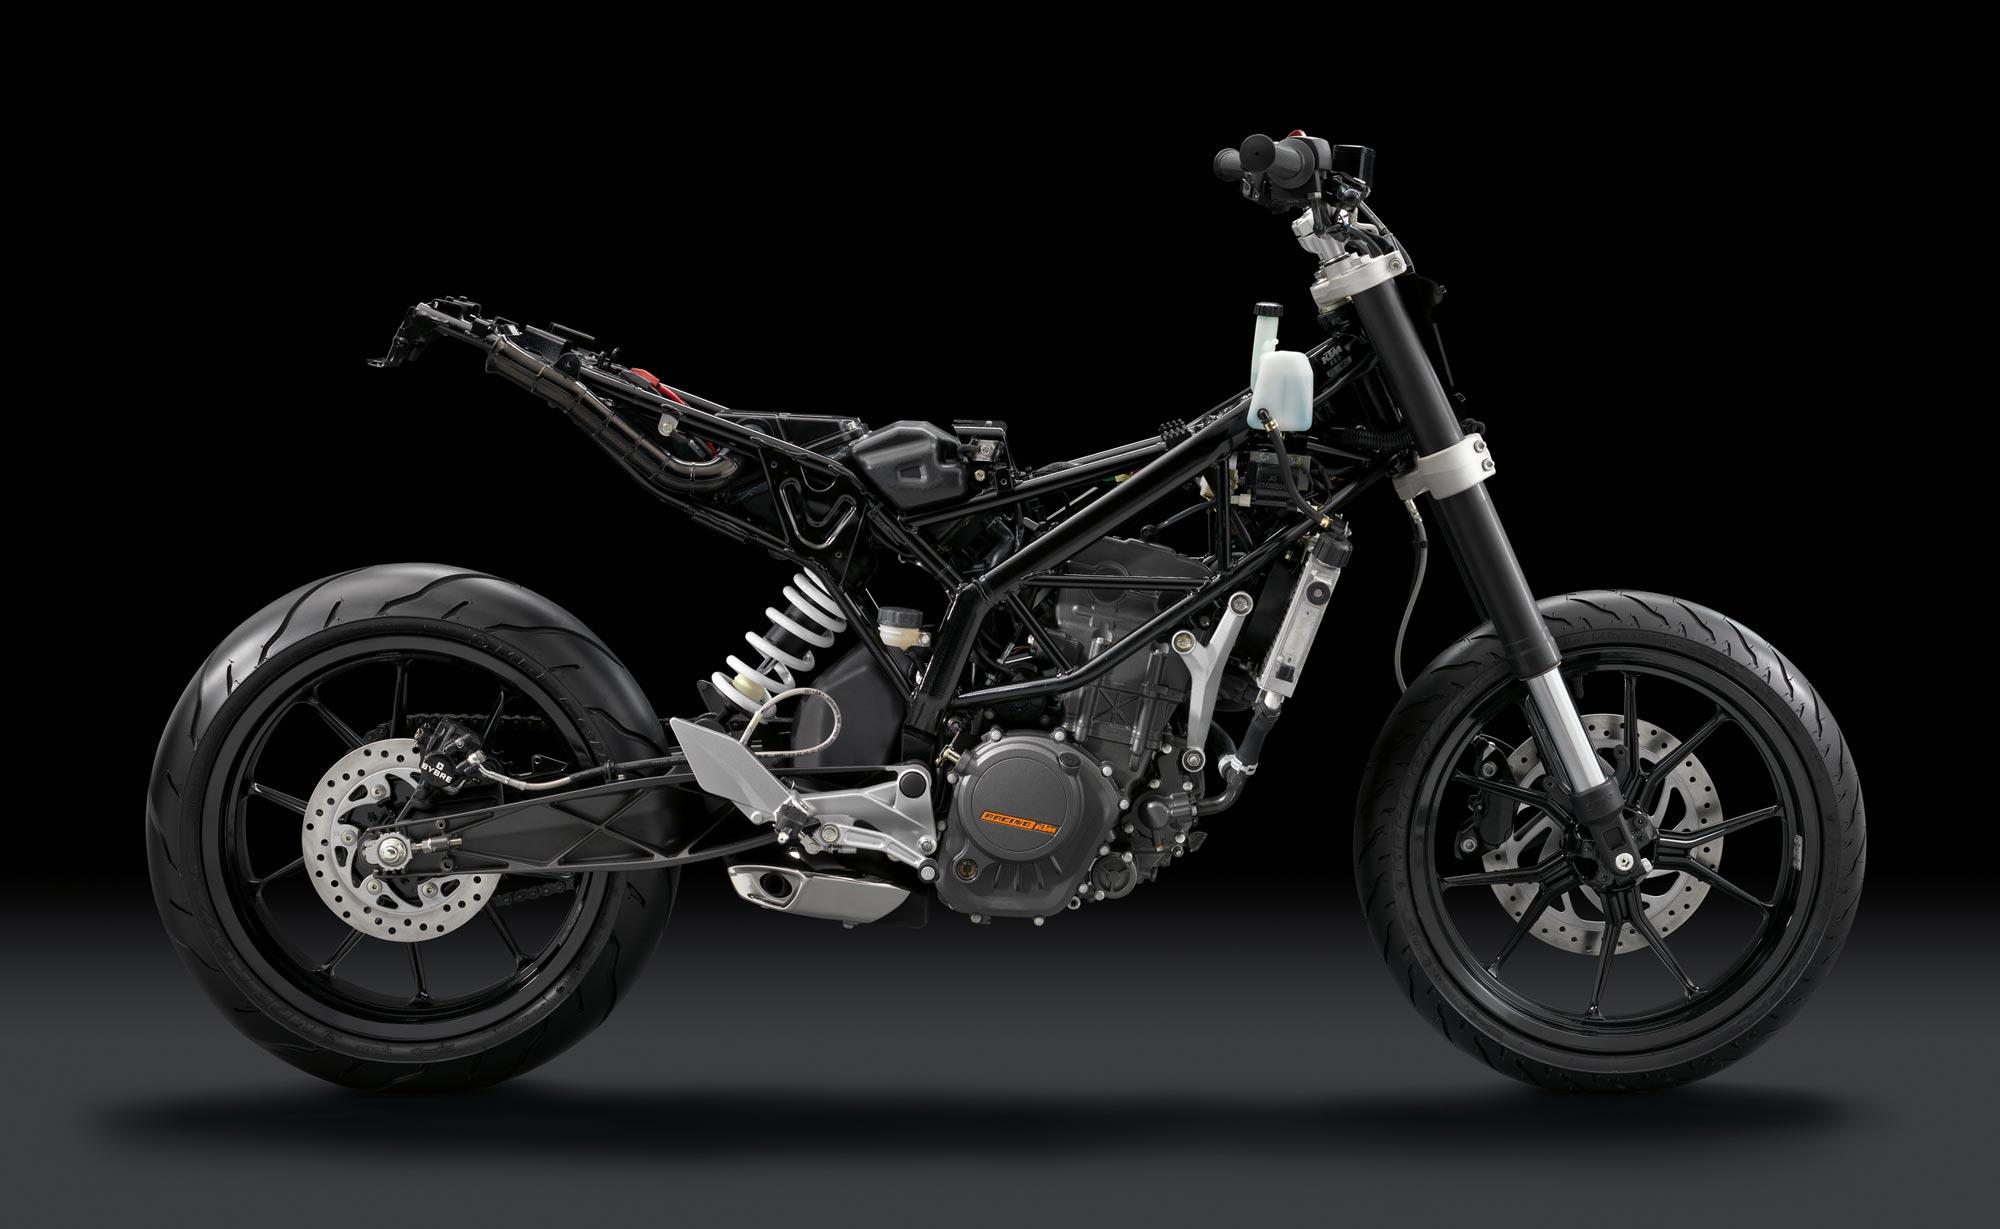 Confirmed Ktm 350 Duke In 2013 - Moto3 Inspired 350Cc Sport Bike In 2014 - Asphalt -9973